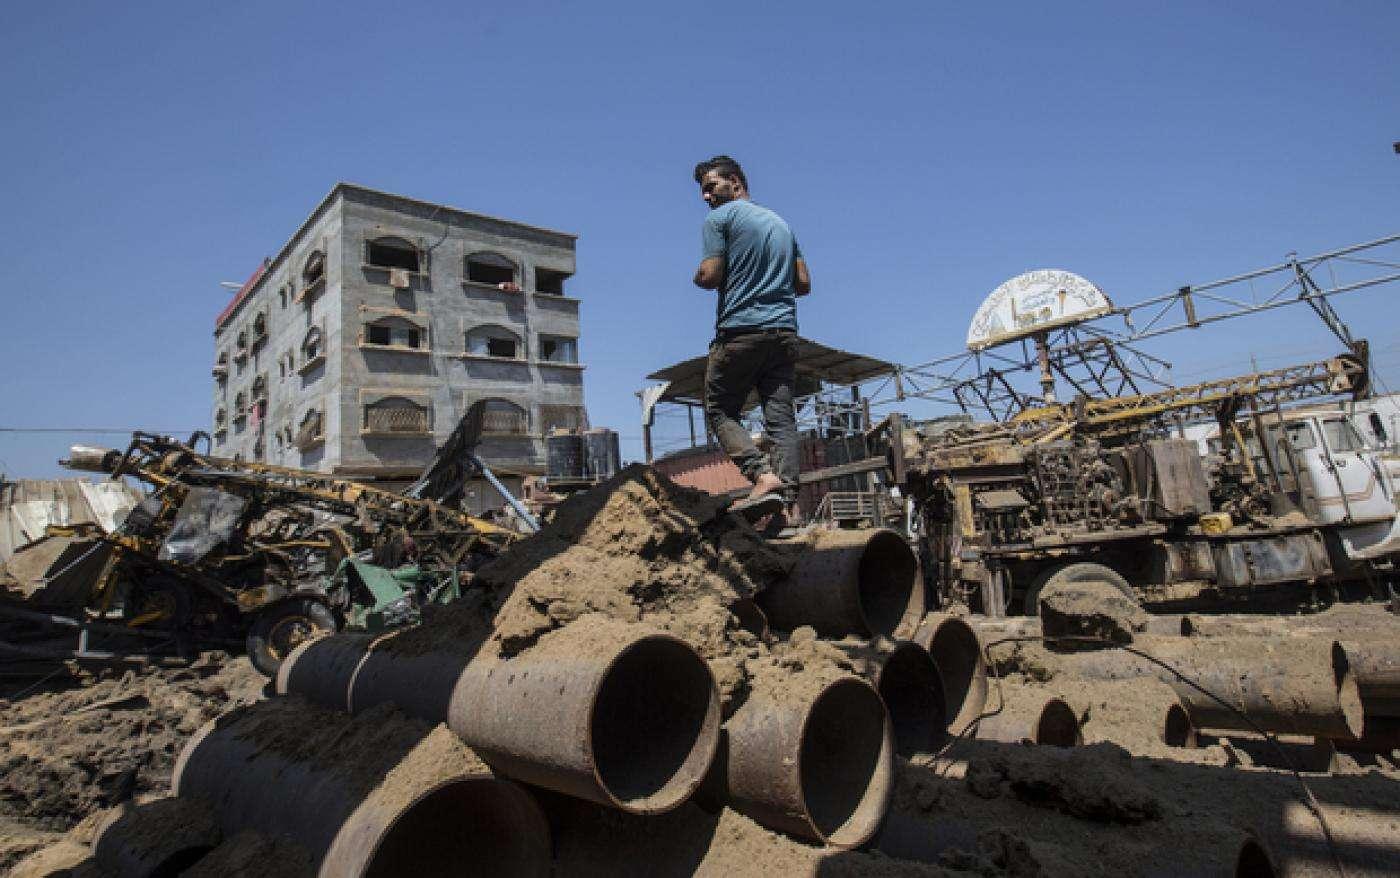 Aucune justice, aucune aide : Gaza est à genoux deux ans après la guerre